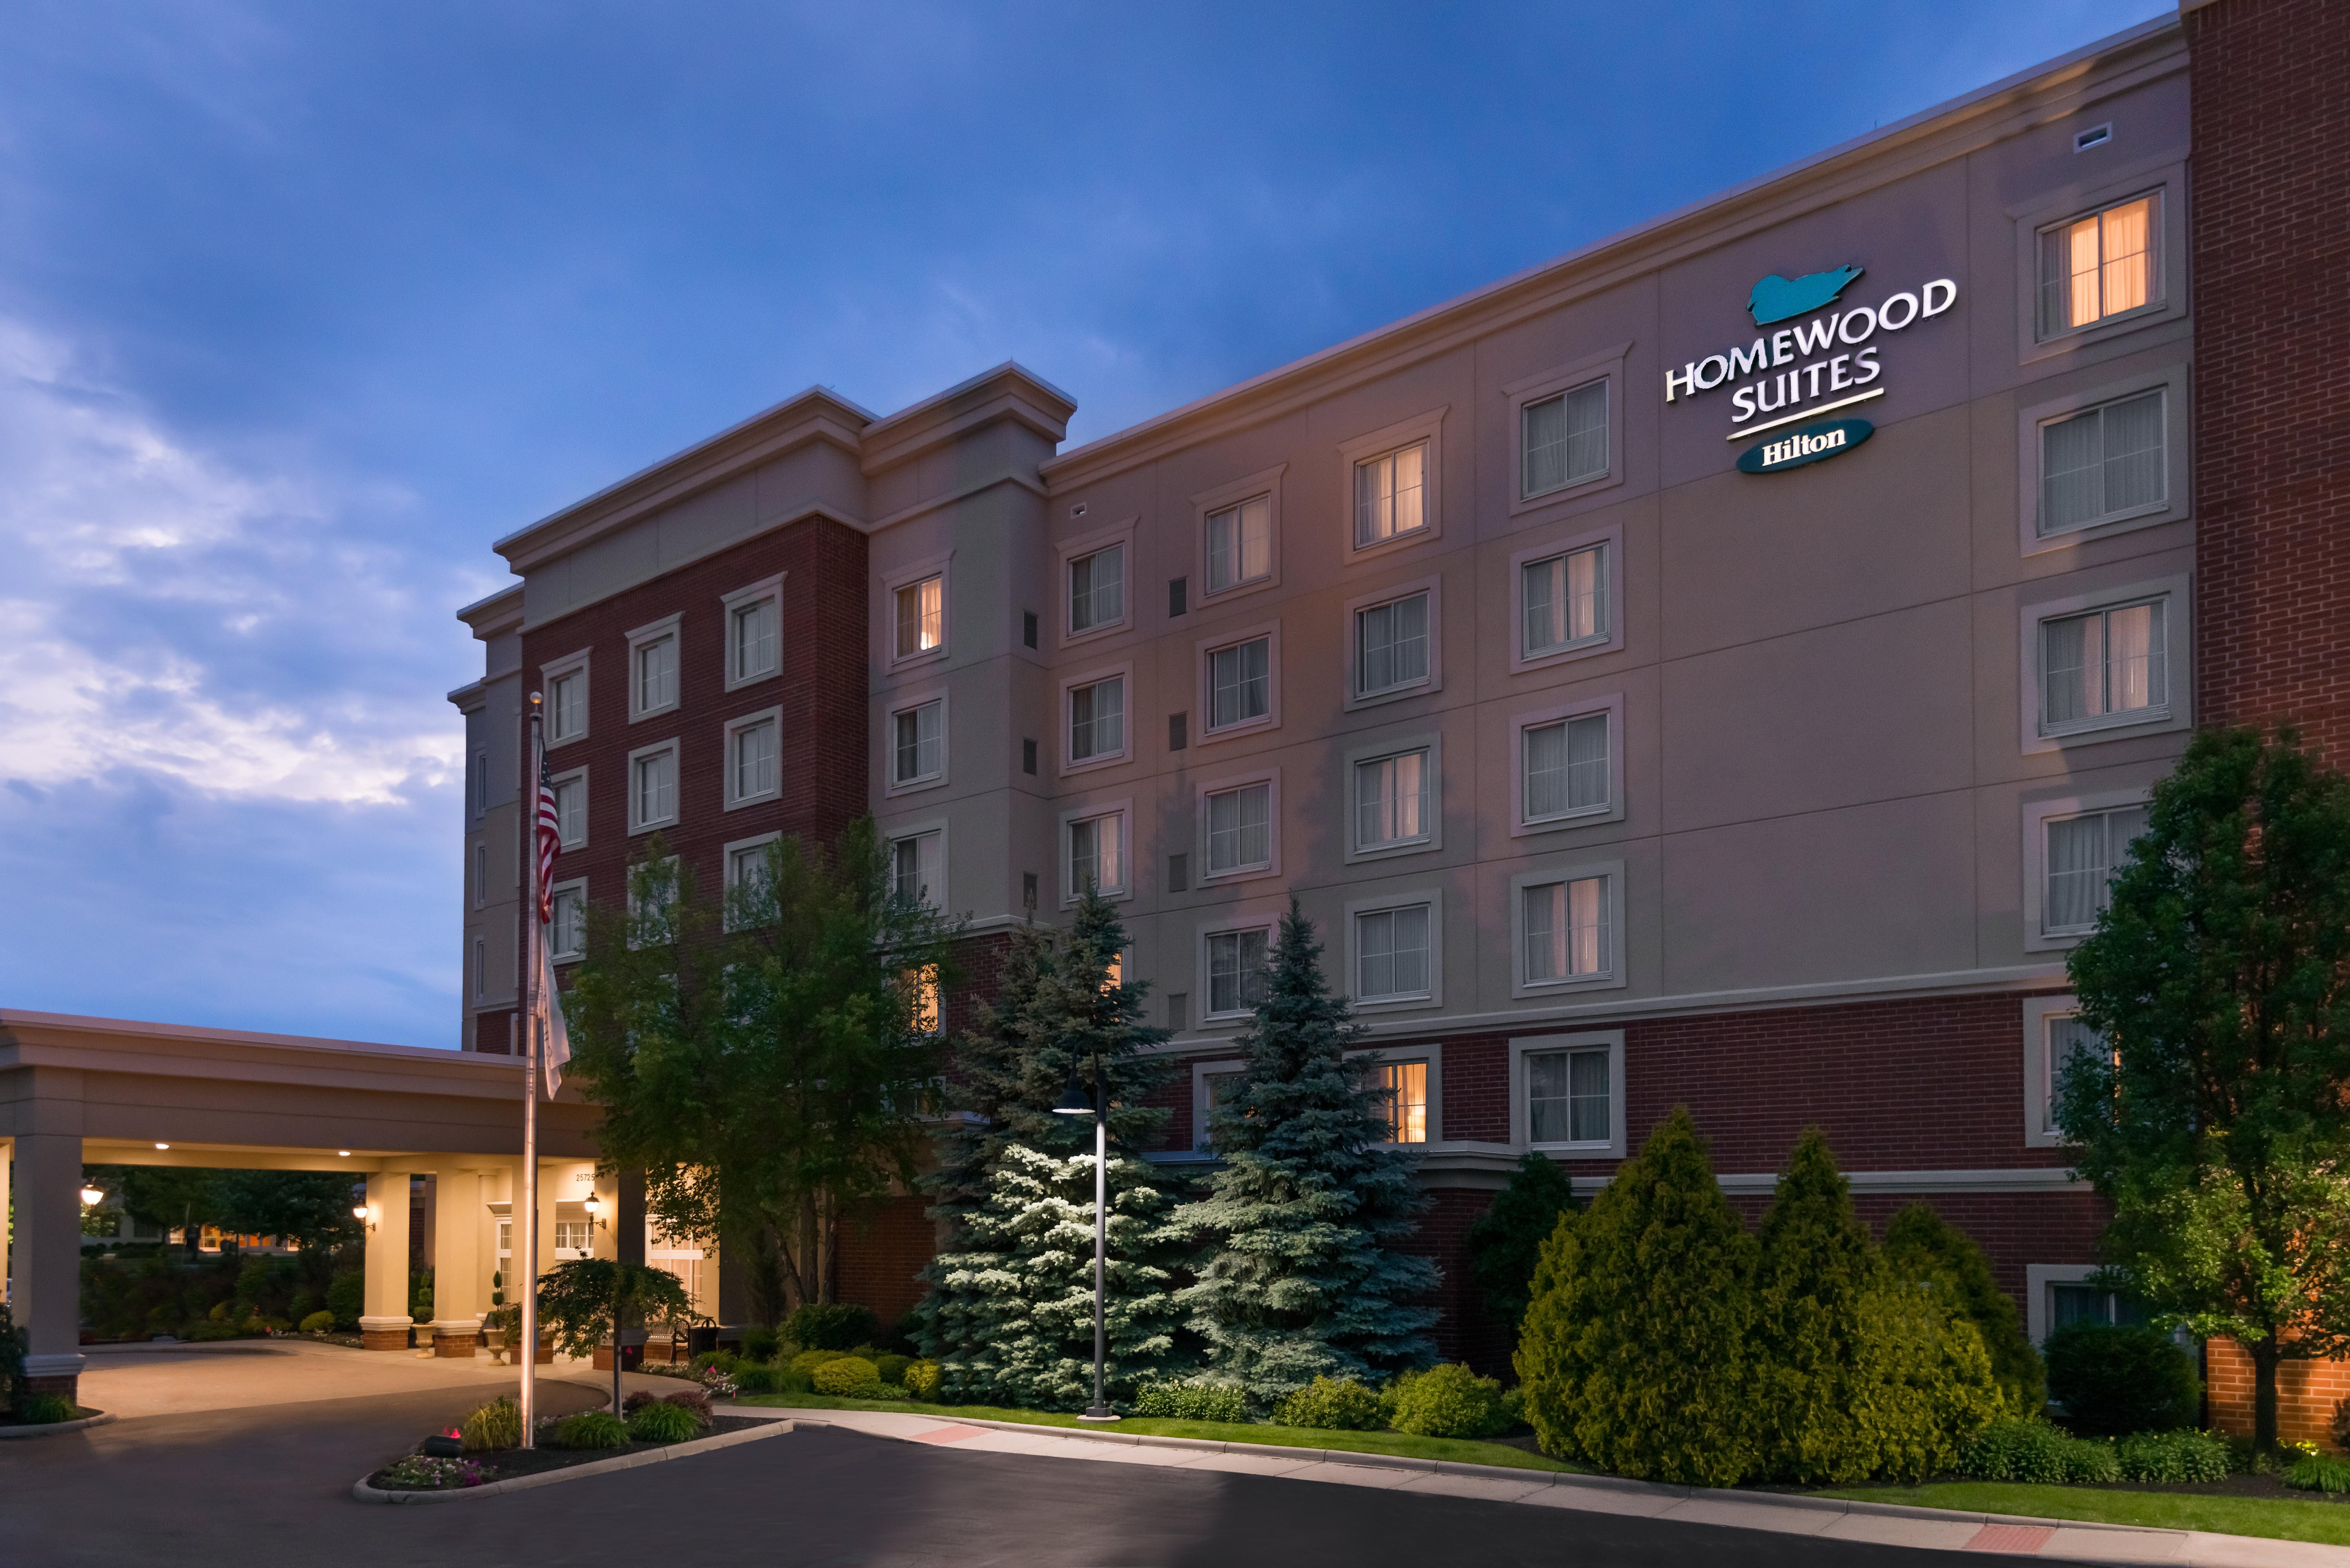 Homewood Suites by Hilton Cleveland-Beachwood image 0